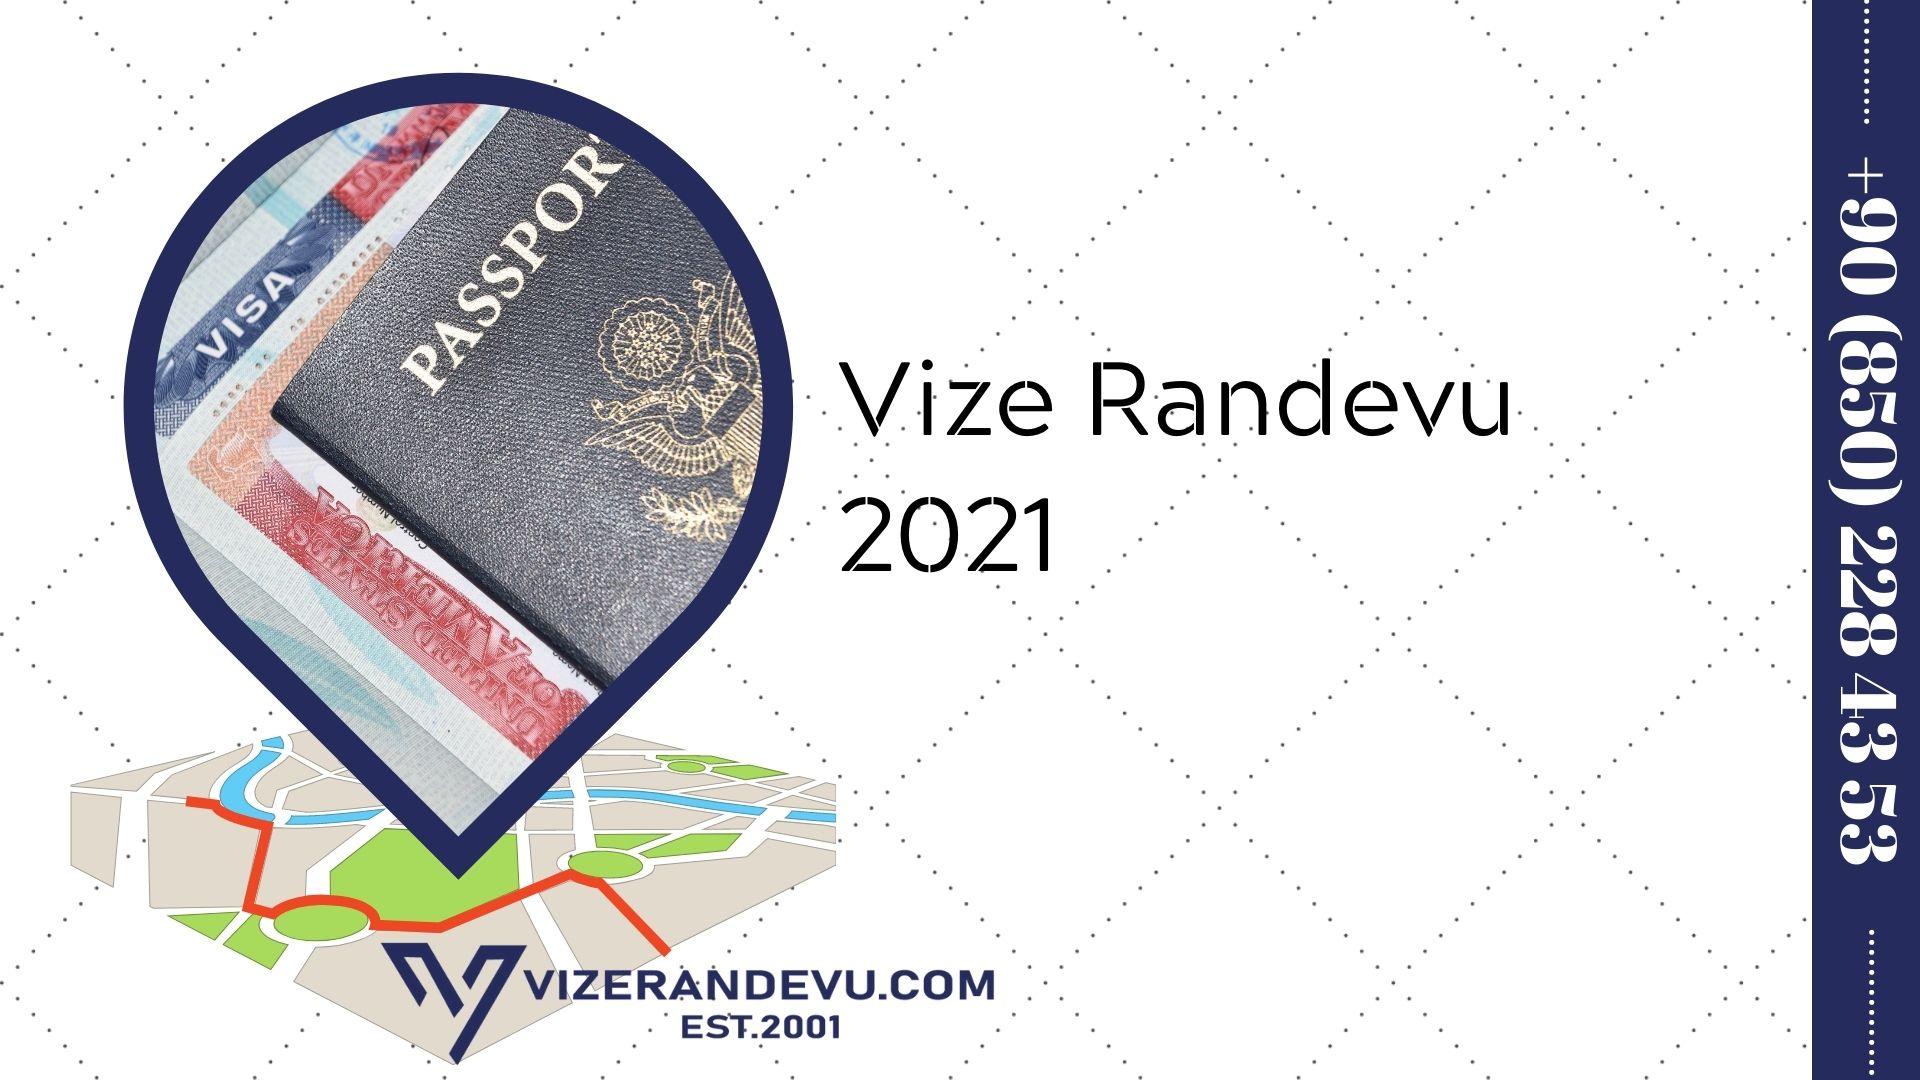 Vize Randevu 2021